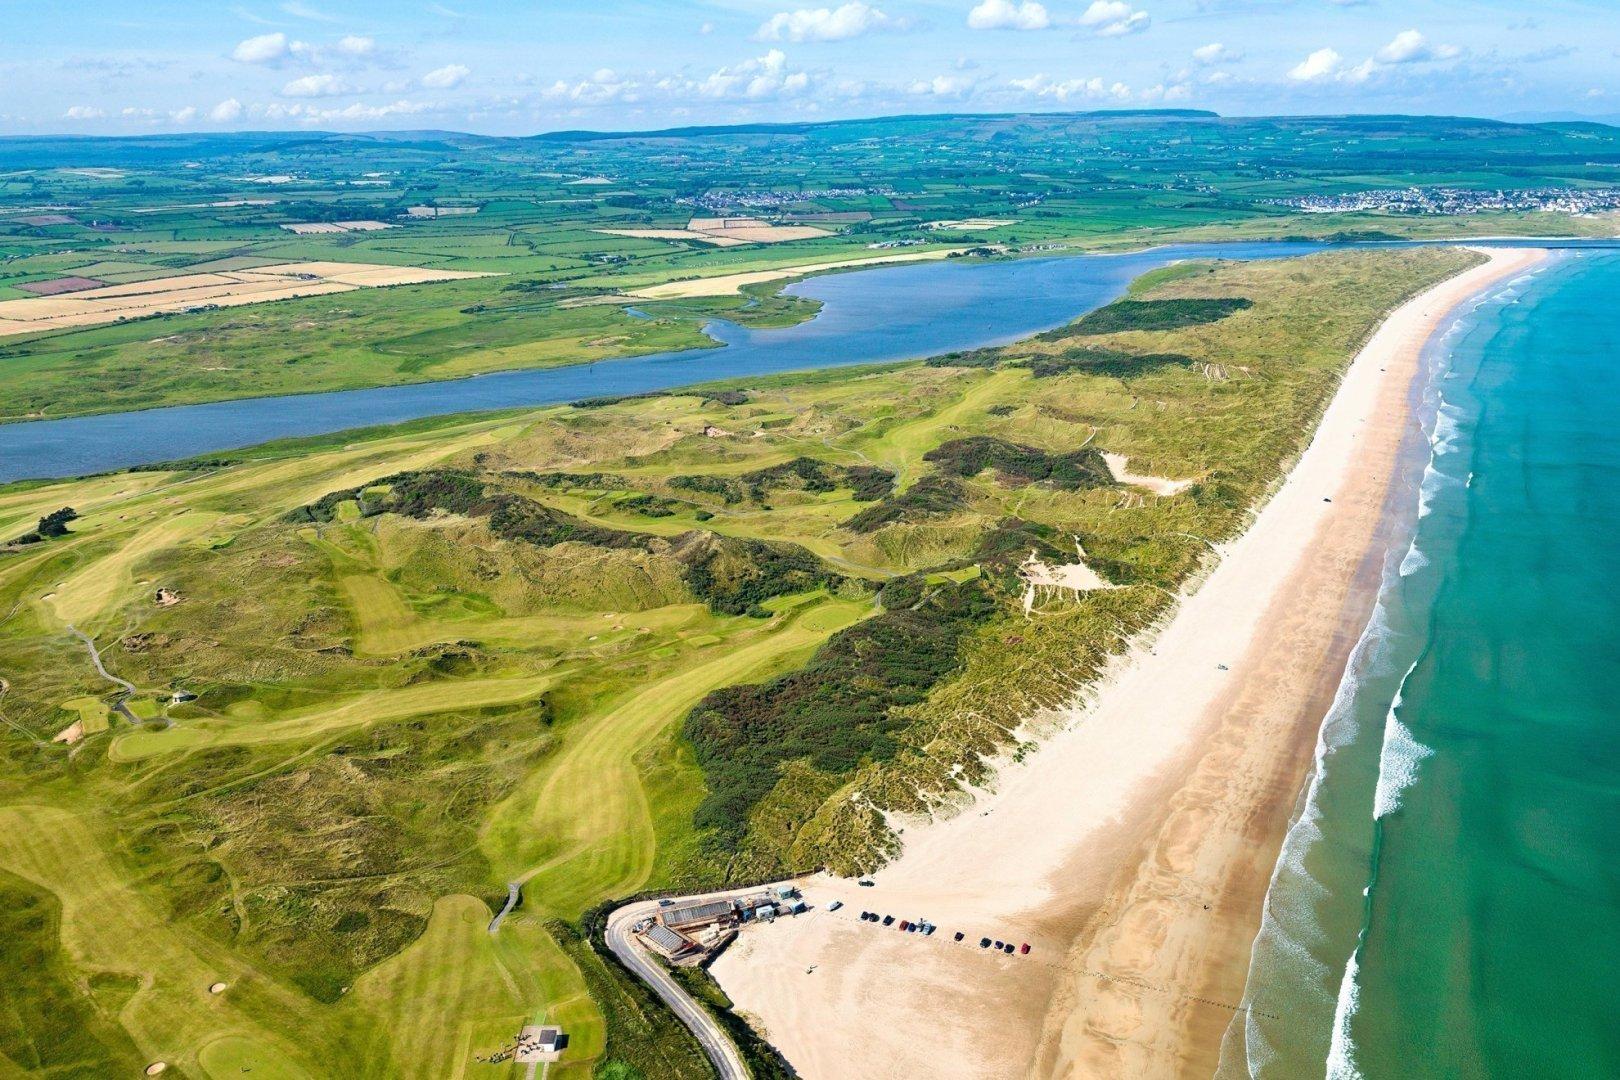 Aerial View of Portstewart Golf Course, Co. Antrim, Northern Ireland